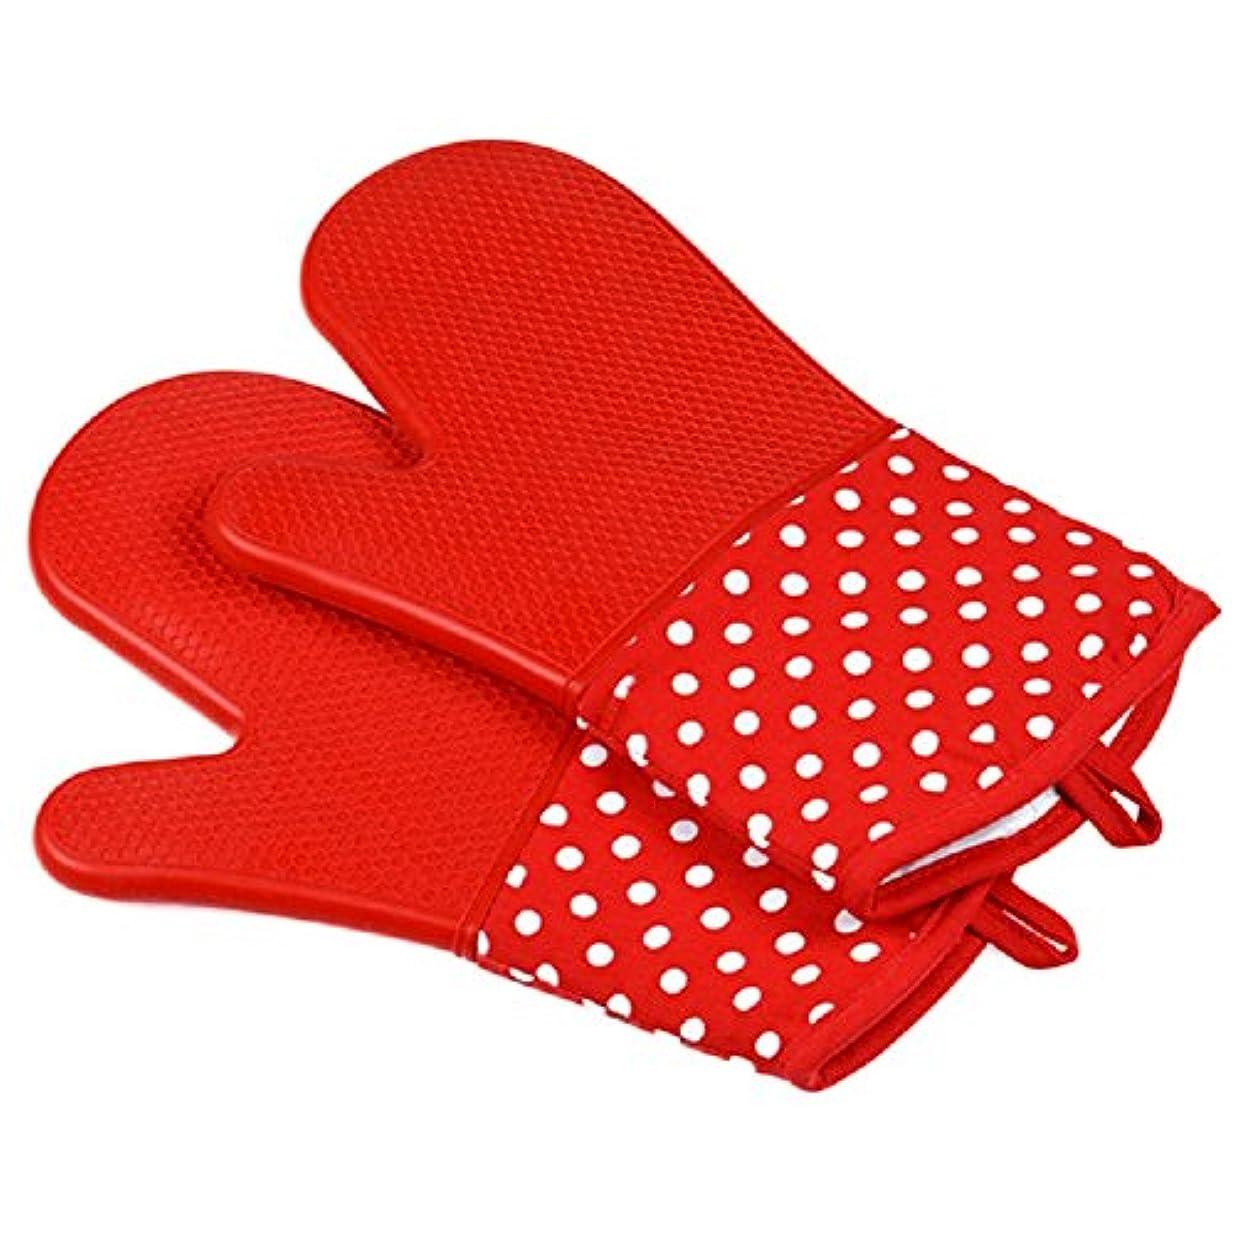 ホイットニー免除する木曜日OUYOU 耐熱グローブ シリコンチェック 耐熱温度300℃ キッチングローブ オーブンミトン シリコン手袋 滑り止め クッキング用 フリーサイズ 2個セット